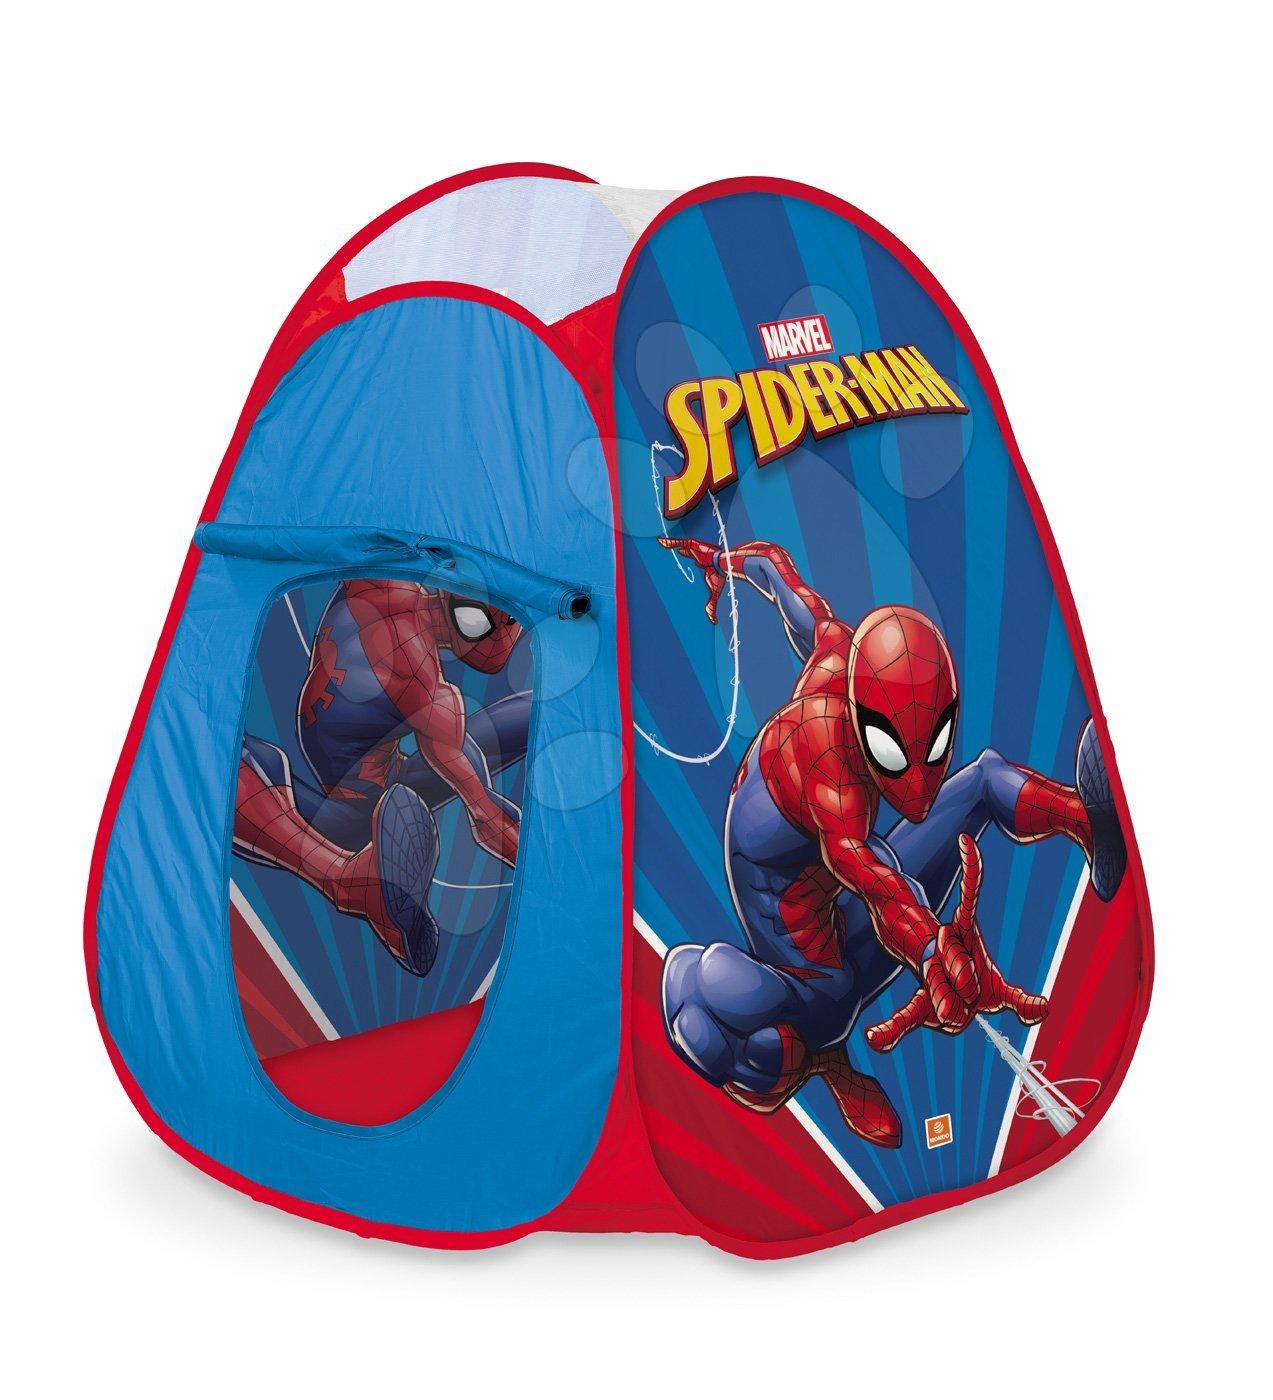 Šotor Spiderman Pop Up Mondo z okroglo rdečo torbo